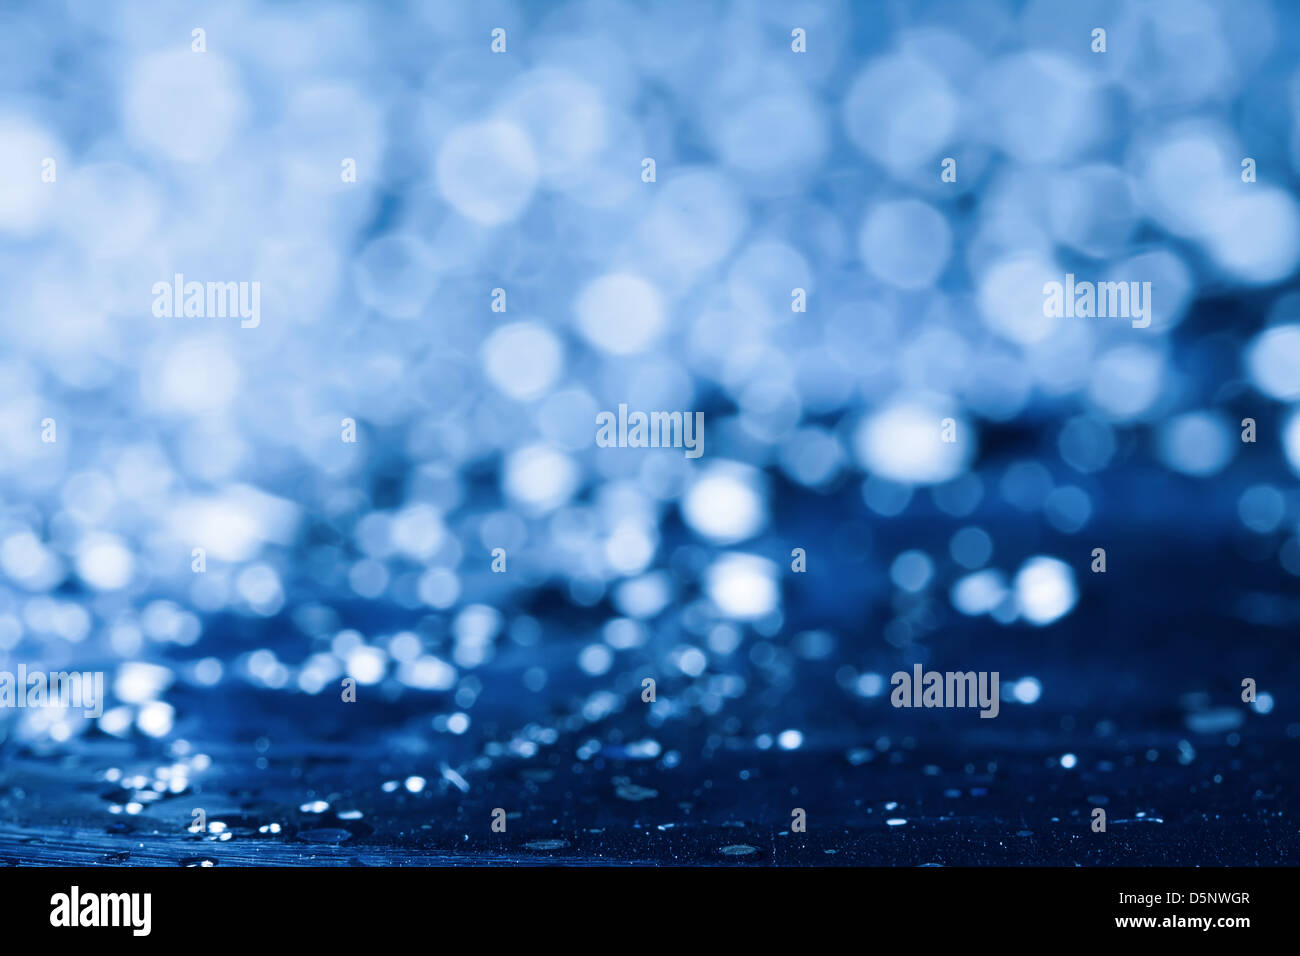 Fond de l'eau bleue avec des reflets. Banque D'Images